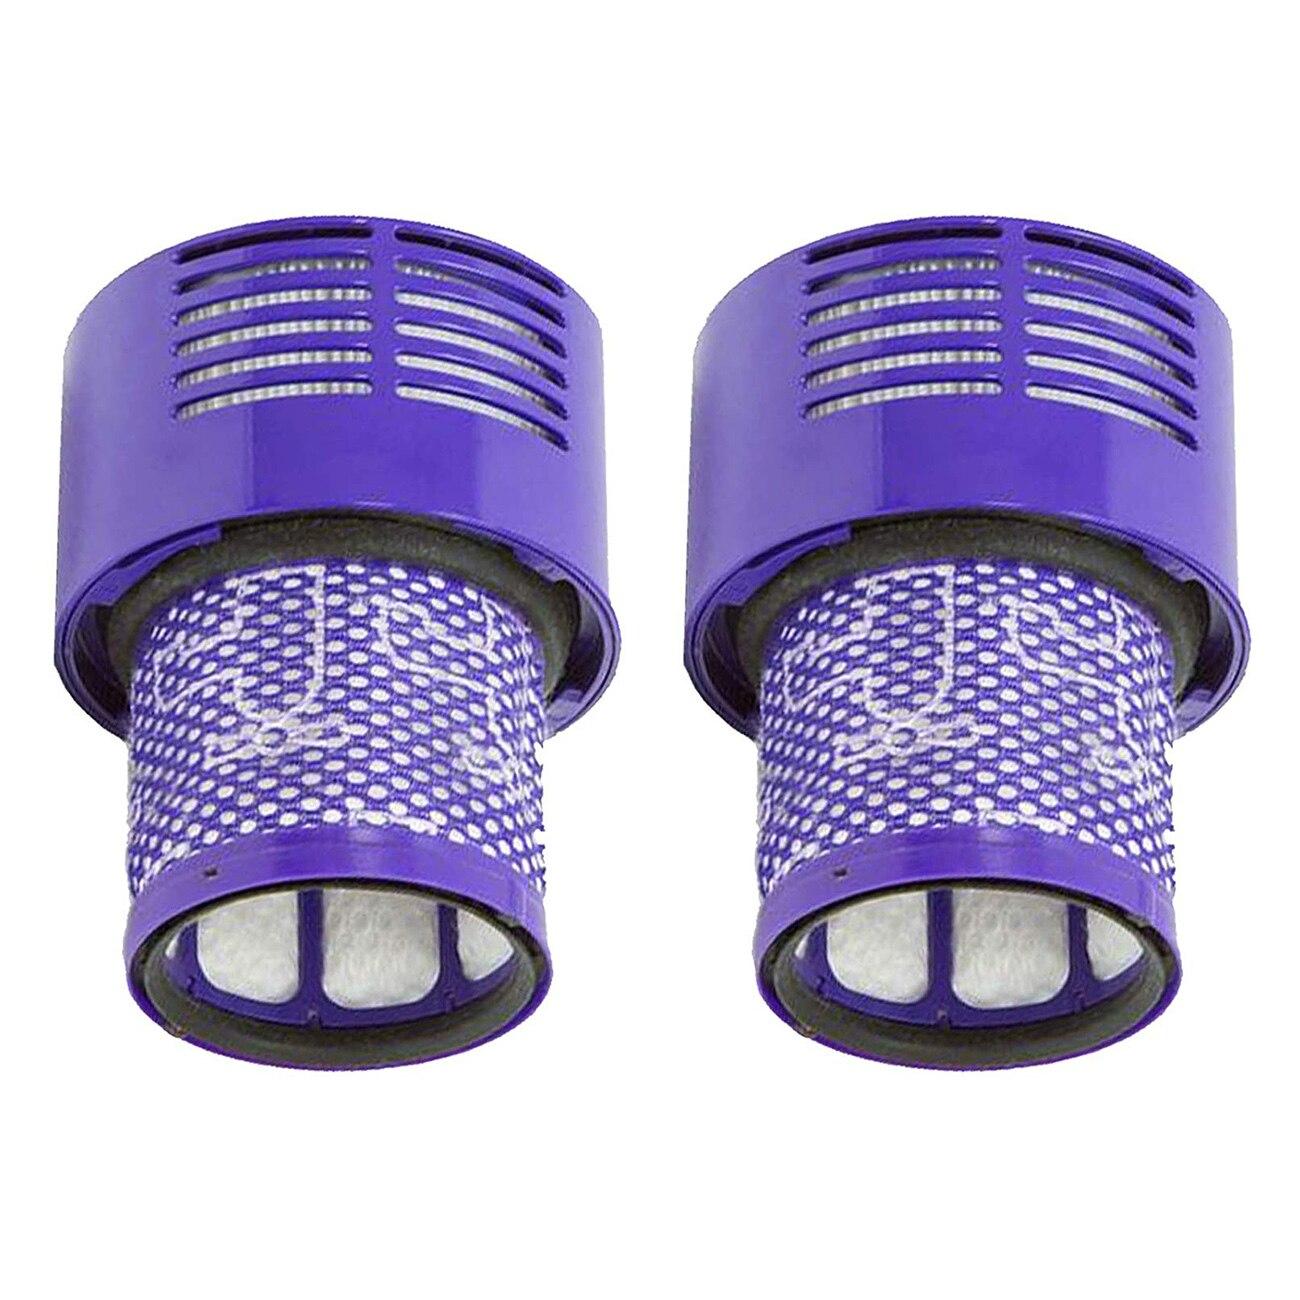 Моющийся фильтр для Dyson V10 SV12 Циклон животного абсолютная всего чистым пылесос (упаковка из 2)